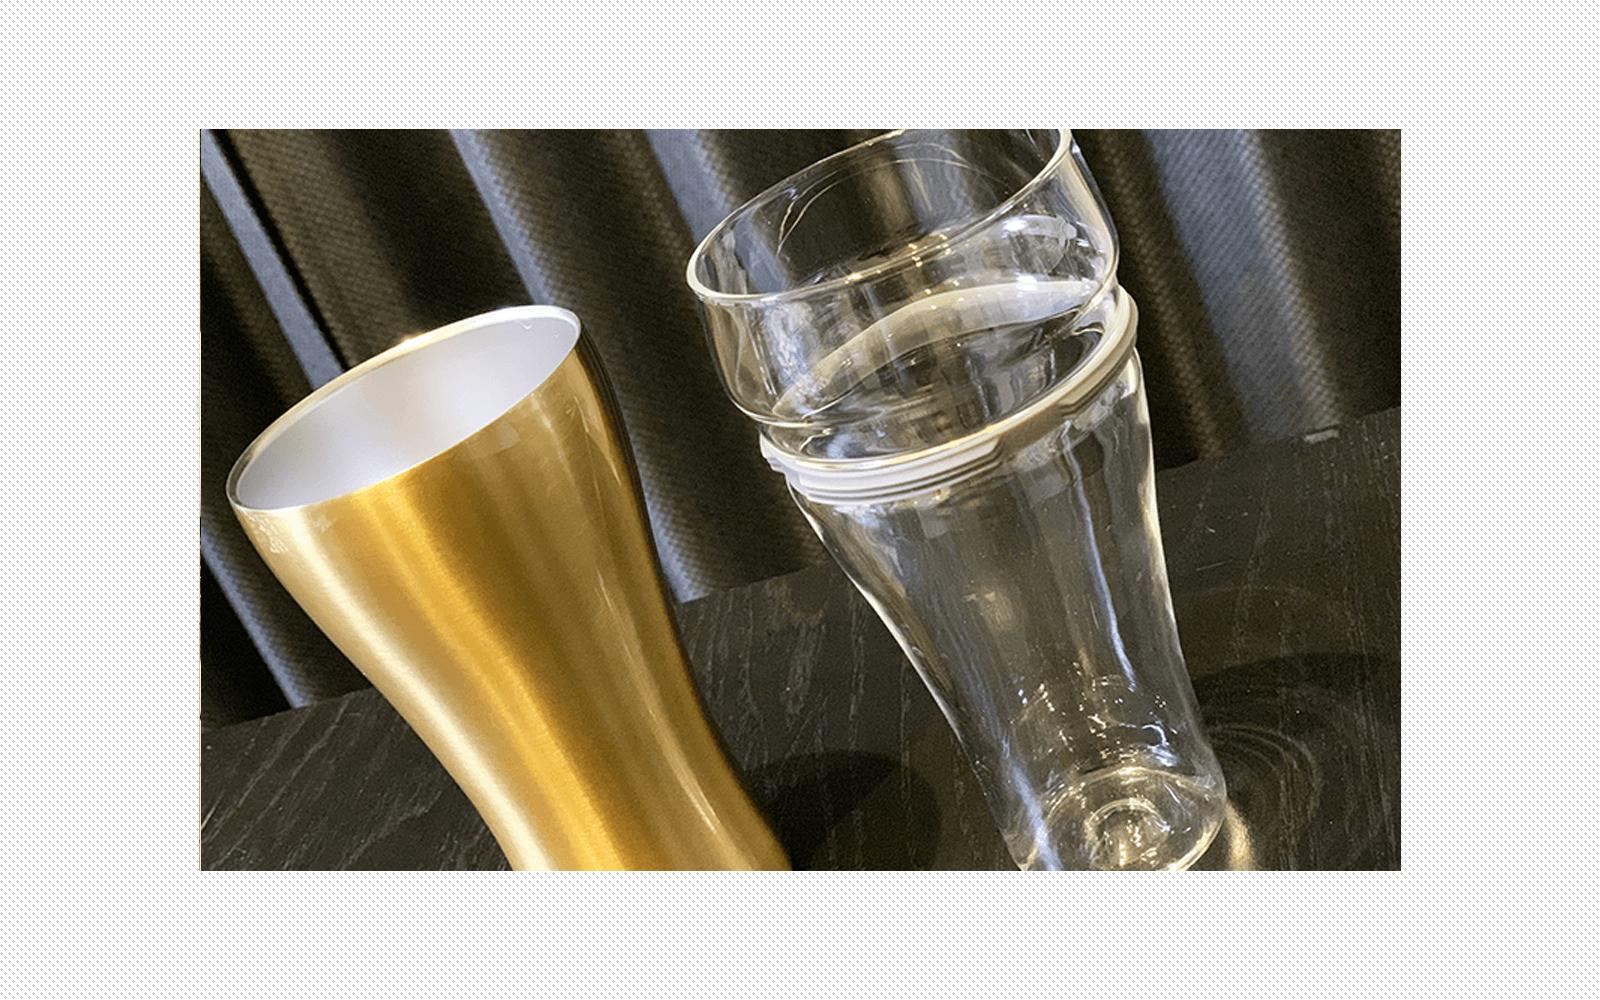 """注いだビールが最後まで冷たいタンブター""""ON℃ZONE飲みごこちビールタンブラー""""を正直レビュー"""